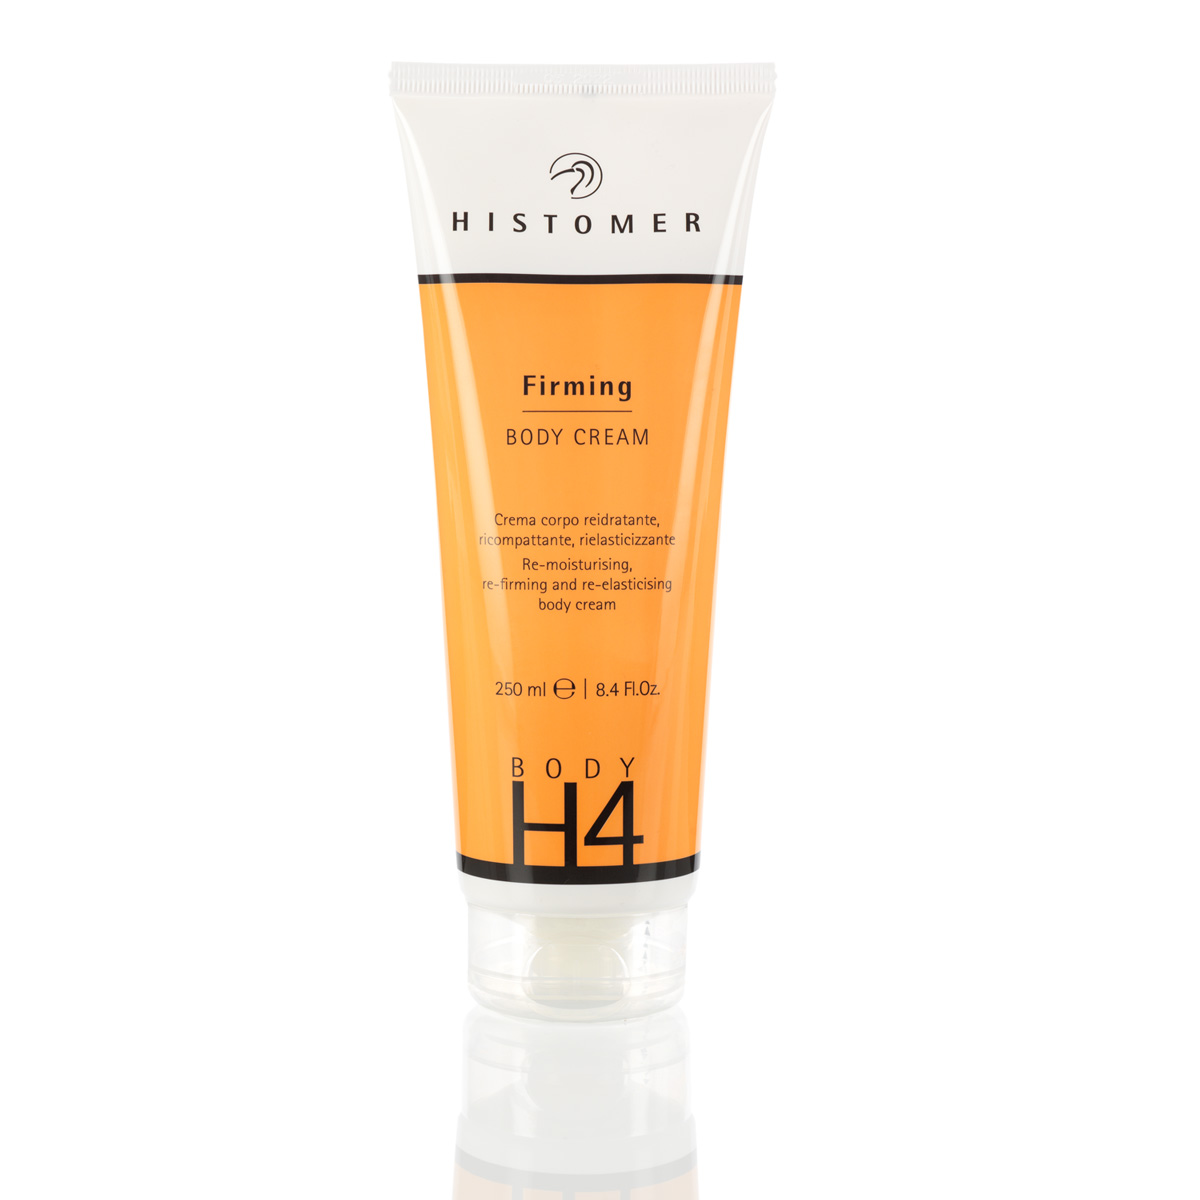 HISTOMER Крем укрепляющий для тела Увлажнение и Обновление / BODY H4 HISTOMER Firming Body Cream, 250 мл